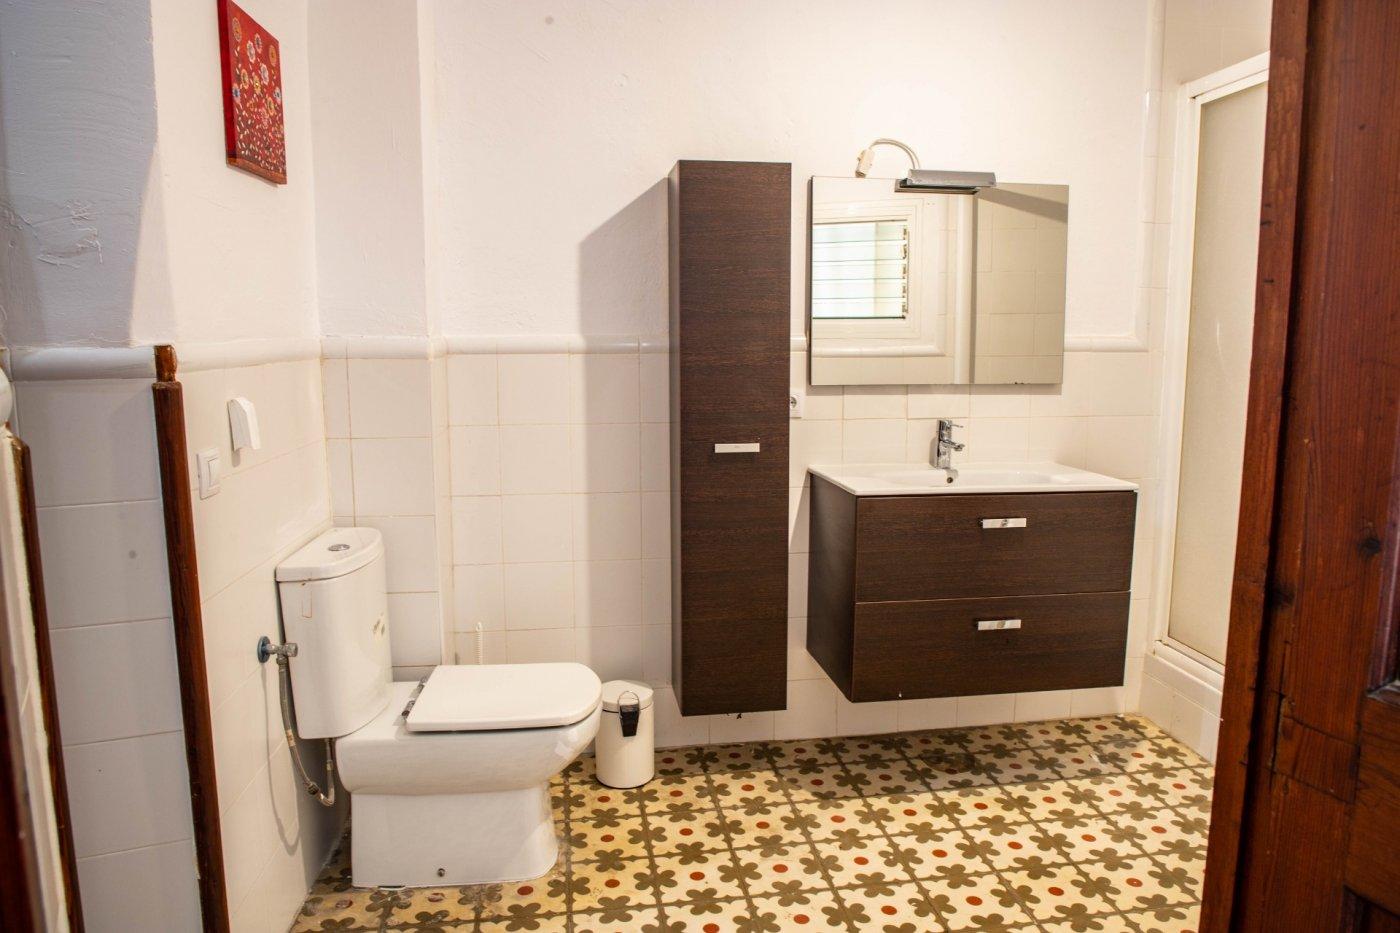 Precioso piso antiguo con mucho carácter en el centro de palma - imagenInmueble18